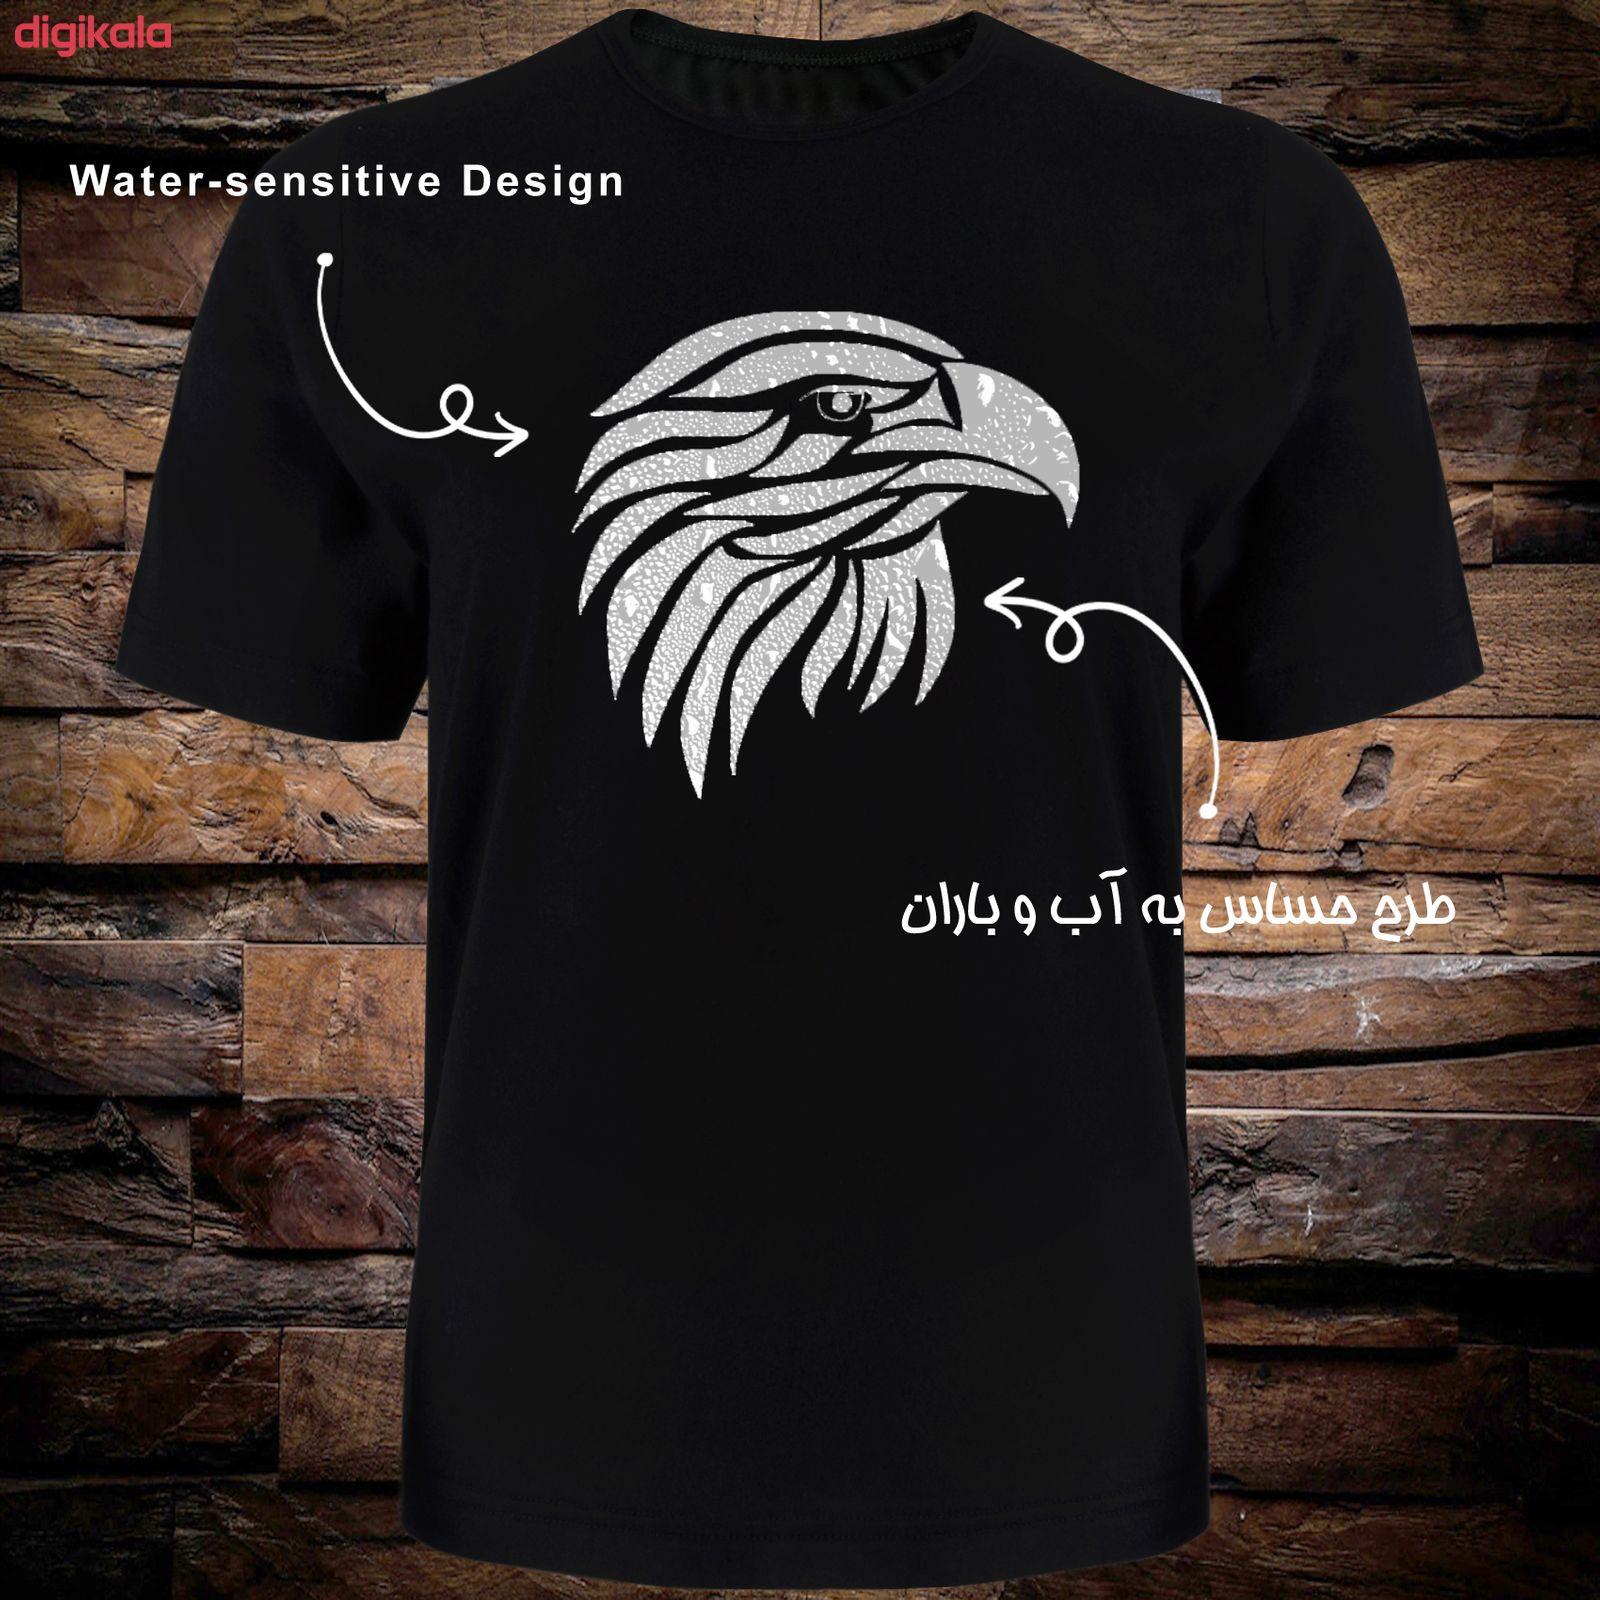 تی شرت آستین کوتاه مردانه طرح عقاب کد TR05 main 1 4